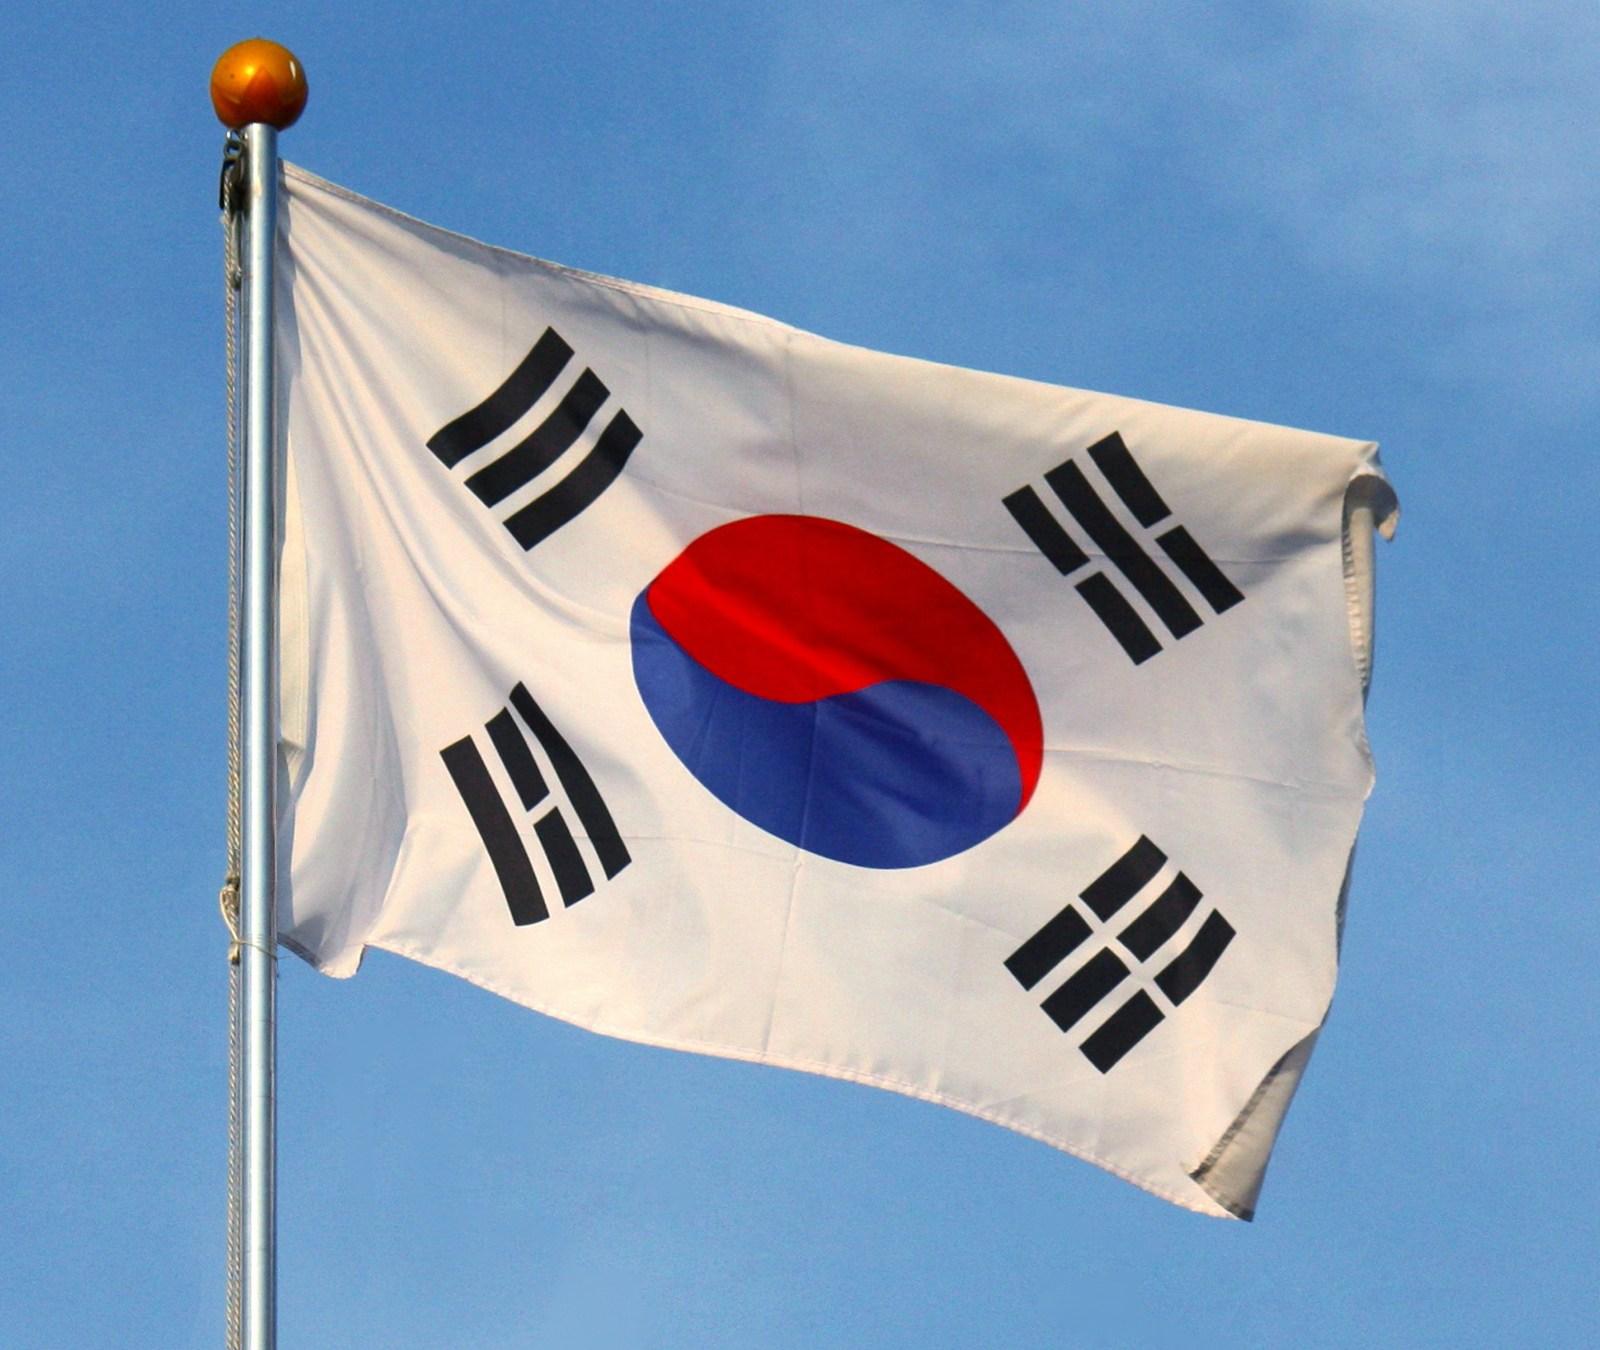 Bolsa de Valores de Corea del Sur espera decisión de la SEC en Estados Unidos sobre el ETF de Bitcoin